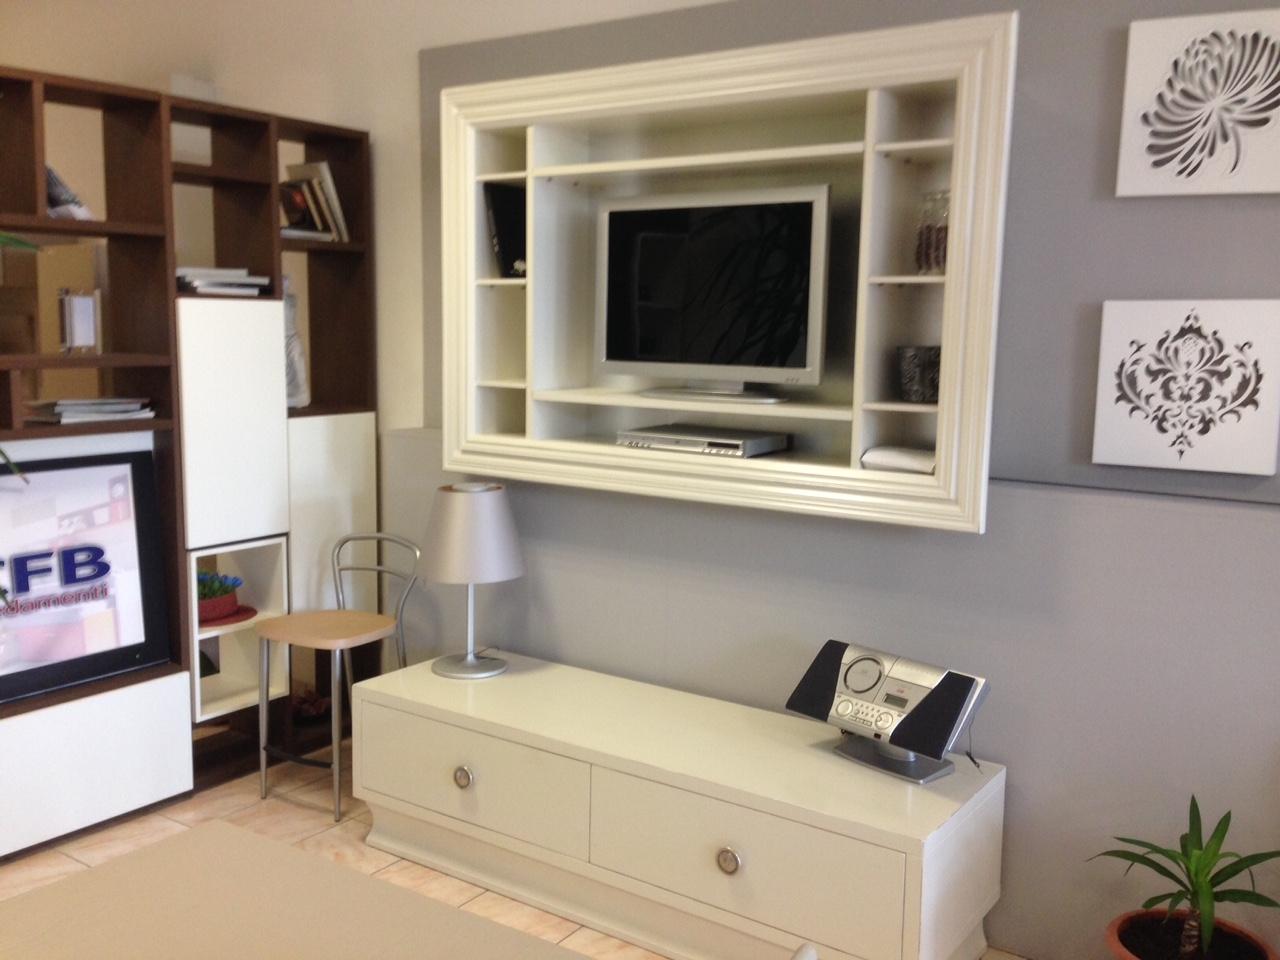 Madia e porta televisore - Soggiorni a prezzi scontati